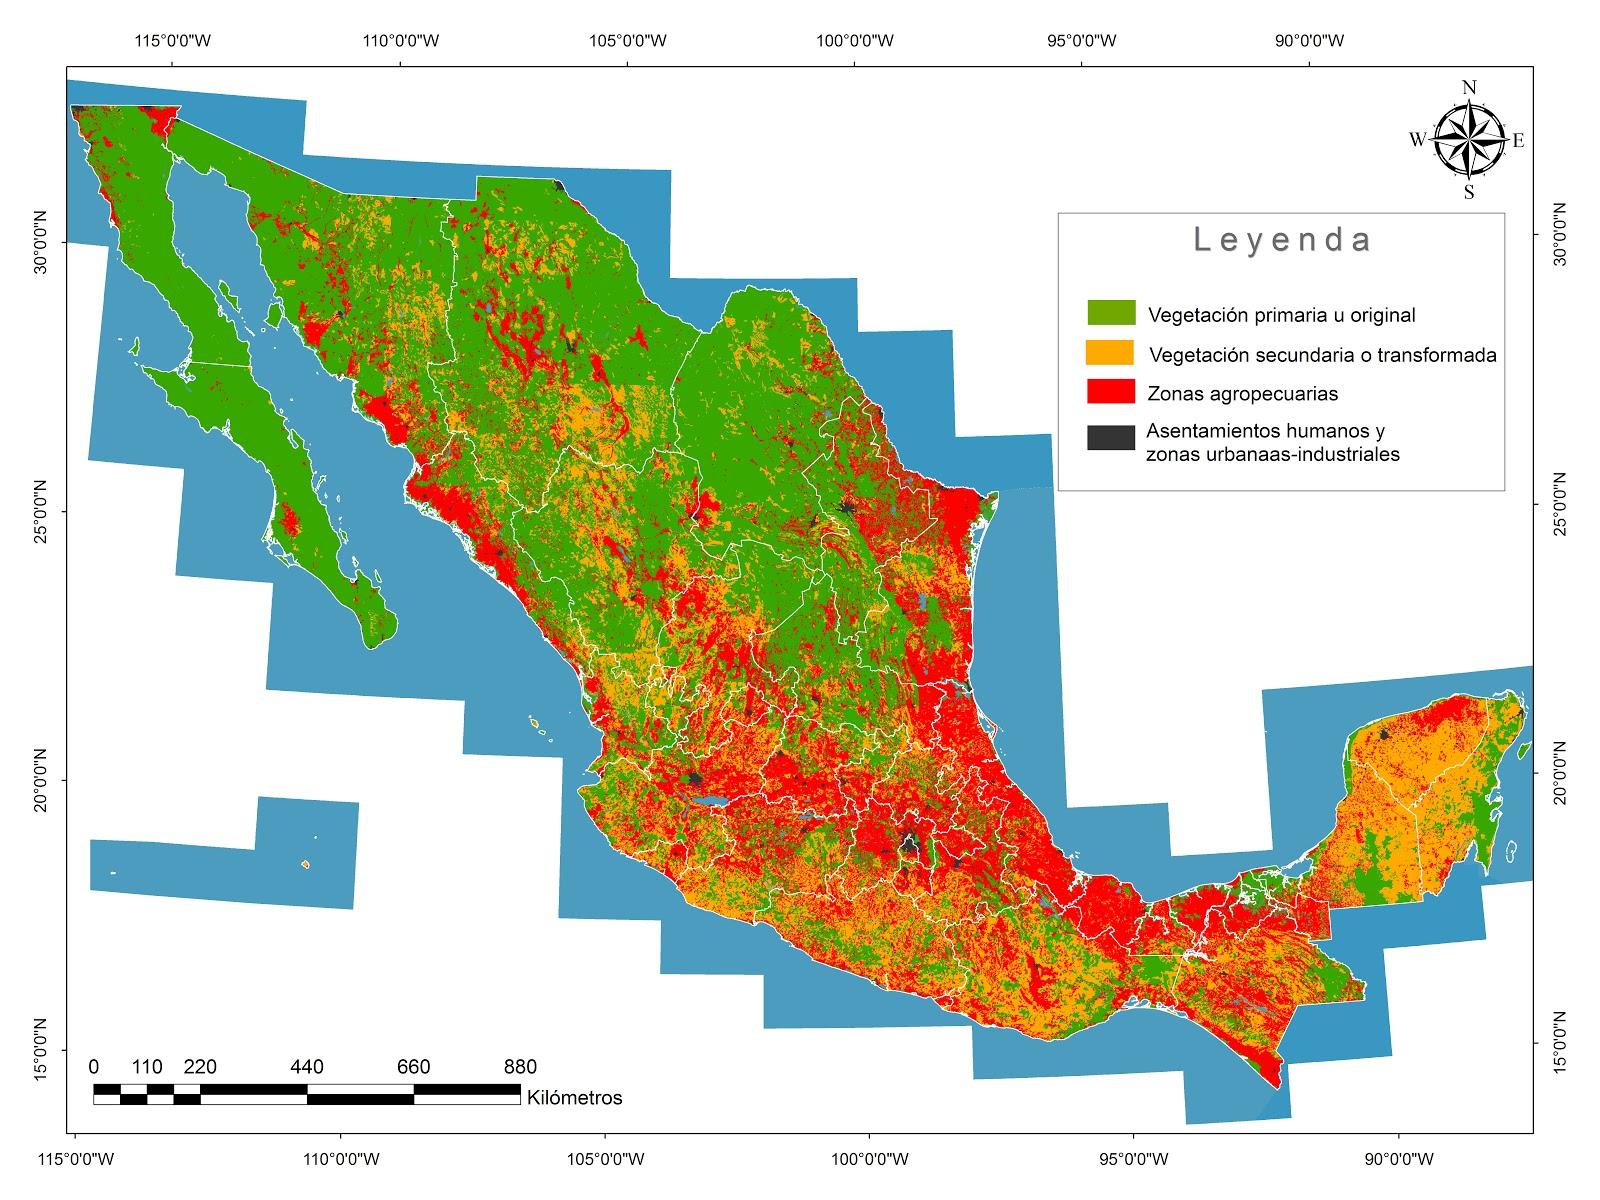 Mapa de la vegetaci n primaria secundaria y usos de suelo for 4 usos del suelo en colombia